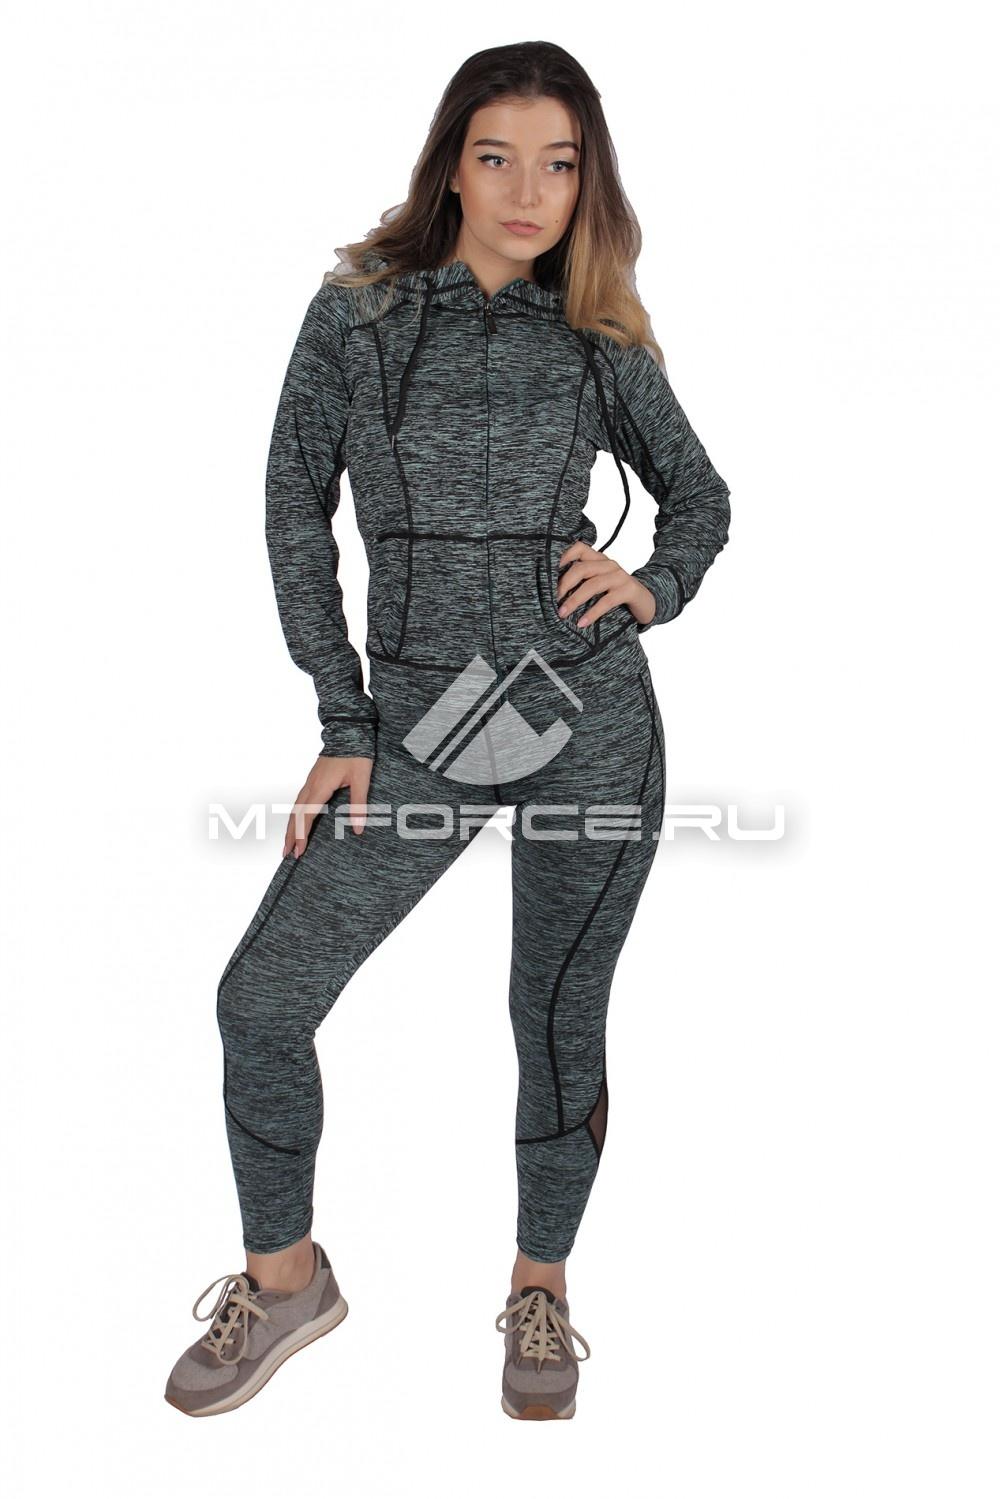 Купить                                  оптом Костюм спортивный женский темно-зеленого цвета 01020TZ в Санкт-Петербурге